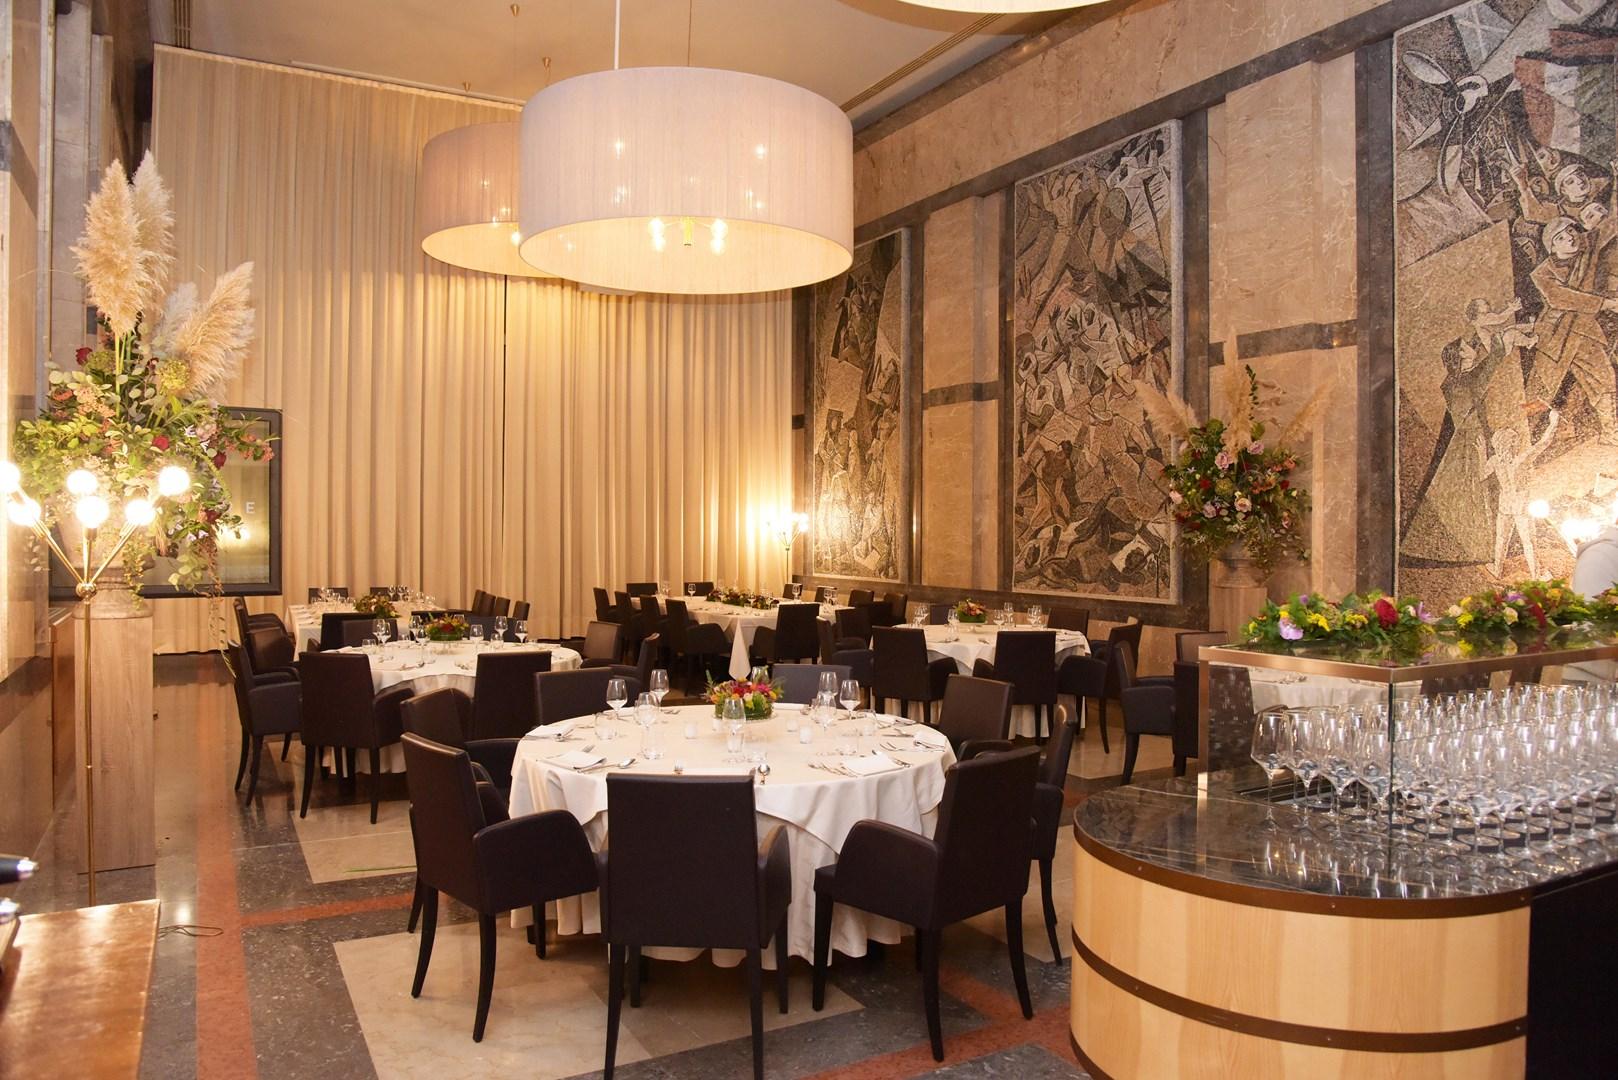 hoteloceanomare it 1-it-298380-pacchetto-capodanno-ristorante-millelire 005